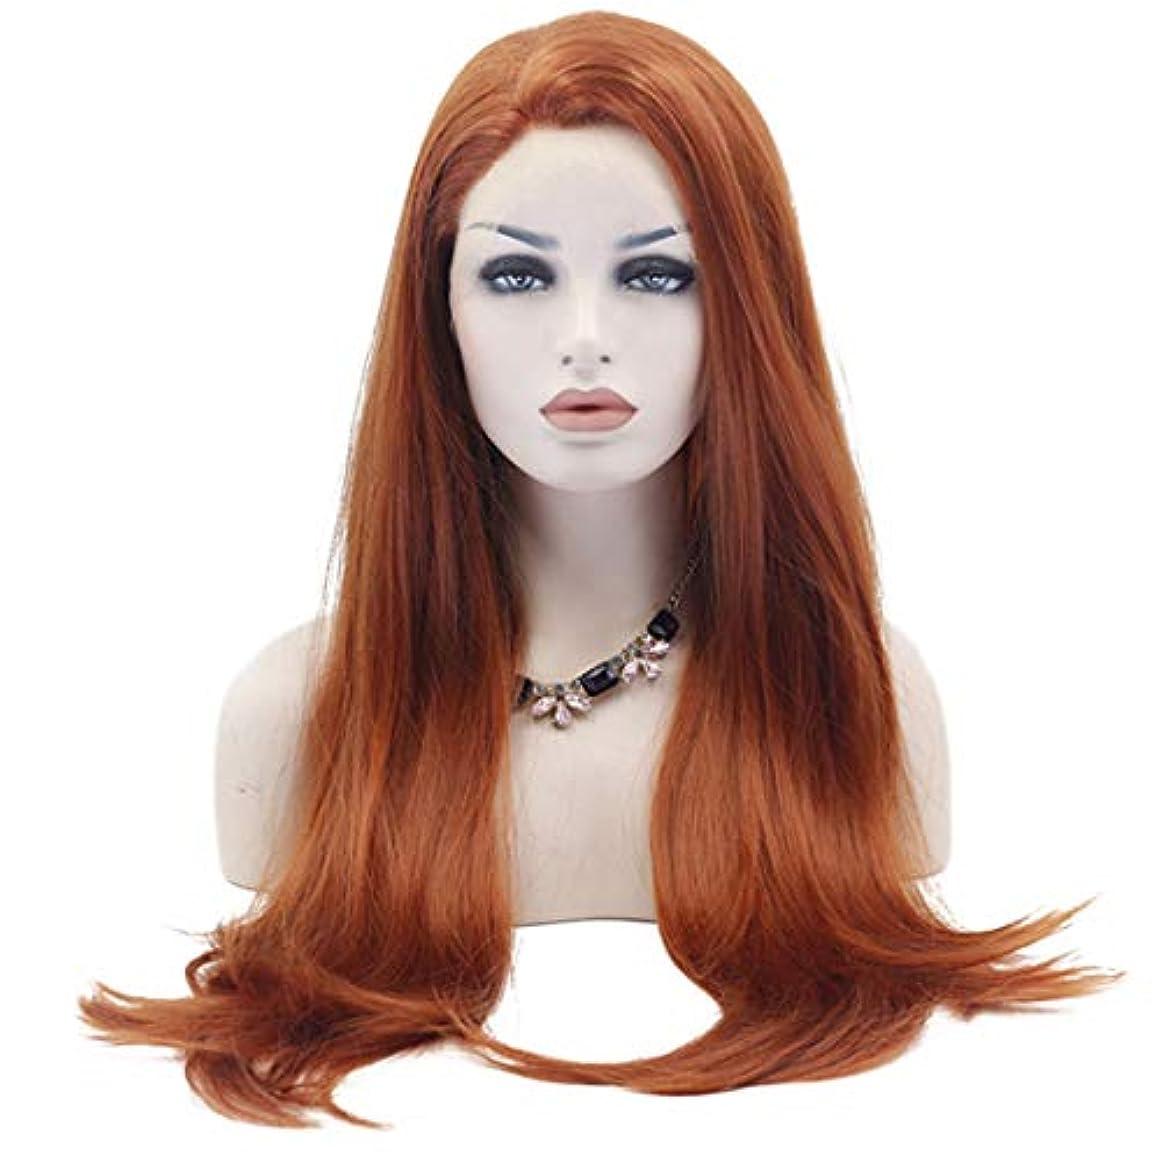 準備する教育するピットFuku つけ毛 コスプレ衣装ハロウィンパーティーのための前髪付きの長いかつら大きな波状の耐熱性合成ストレートヘア (色 : 写真の通り)